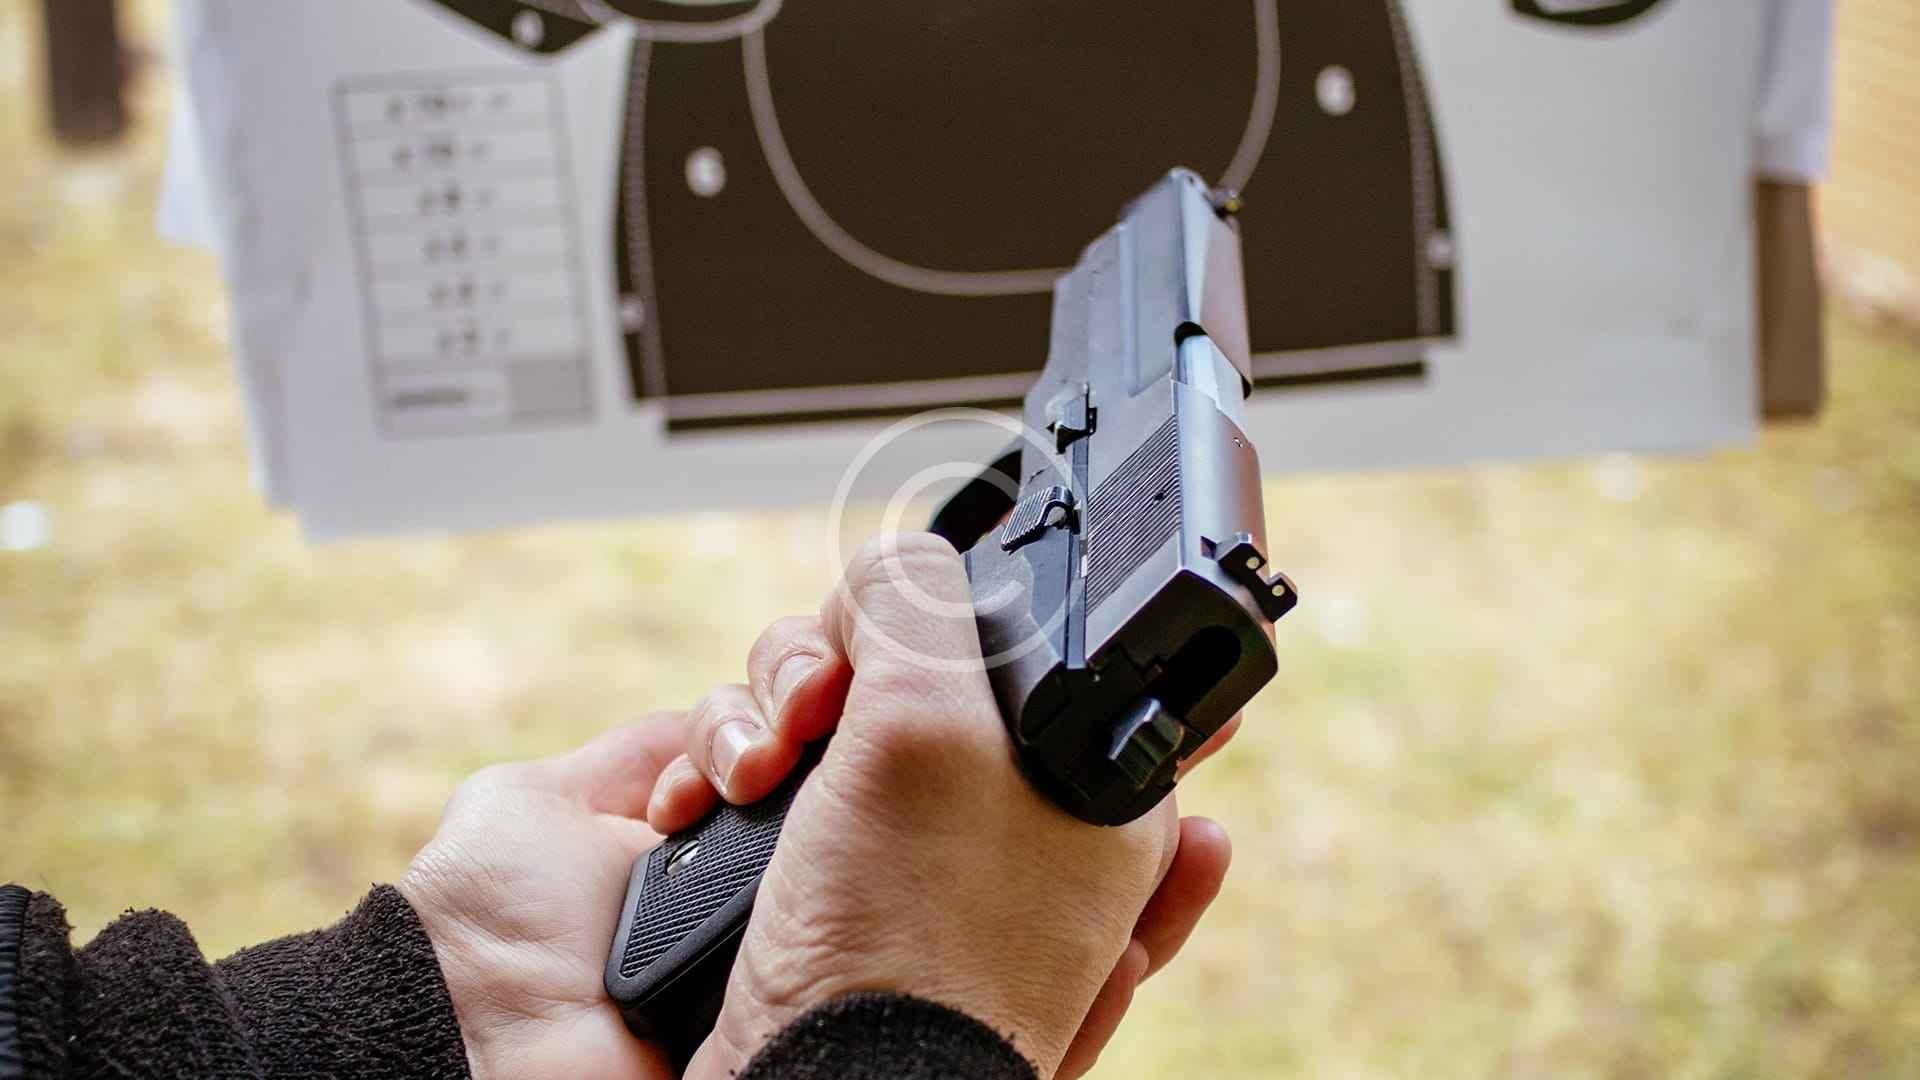 Pistol Training